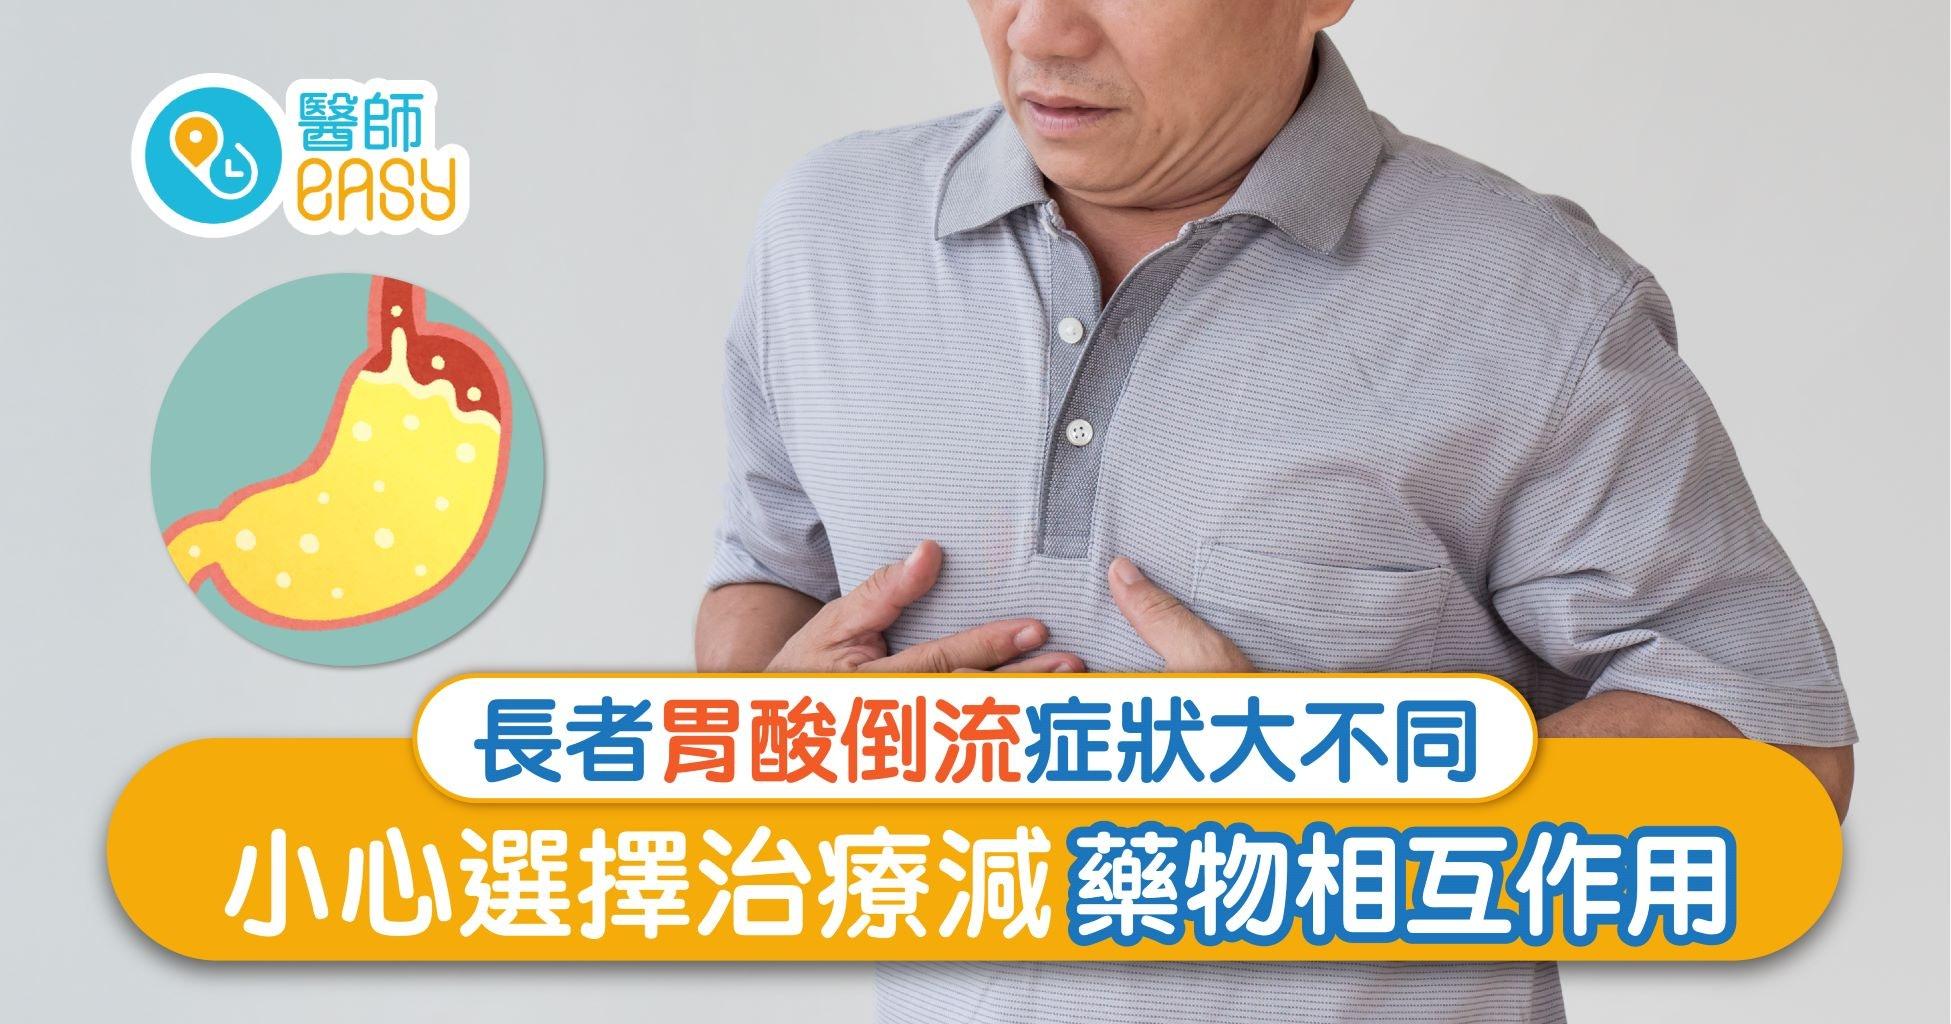 長者胃酸倒流症狀大不同 小心選擇治療減相互作用